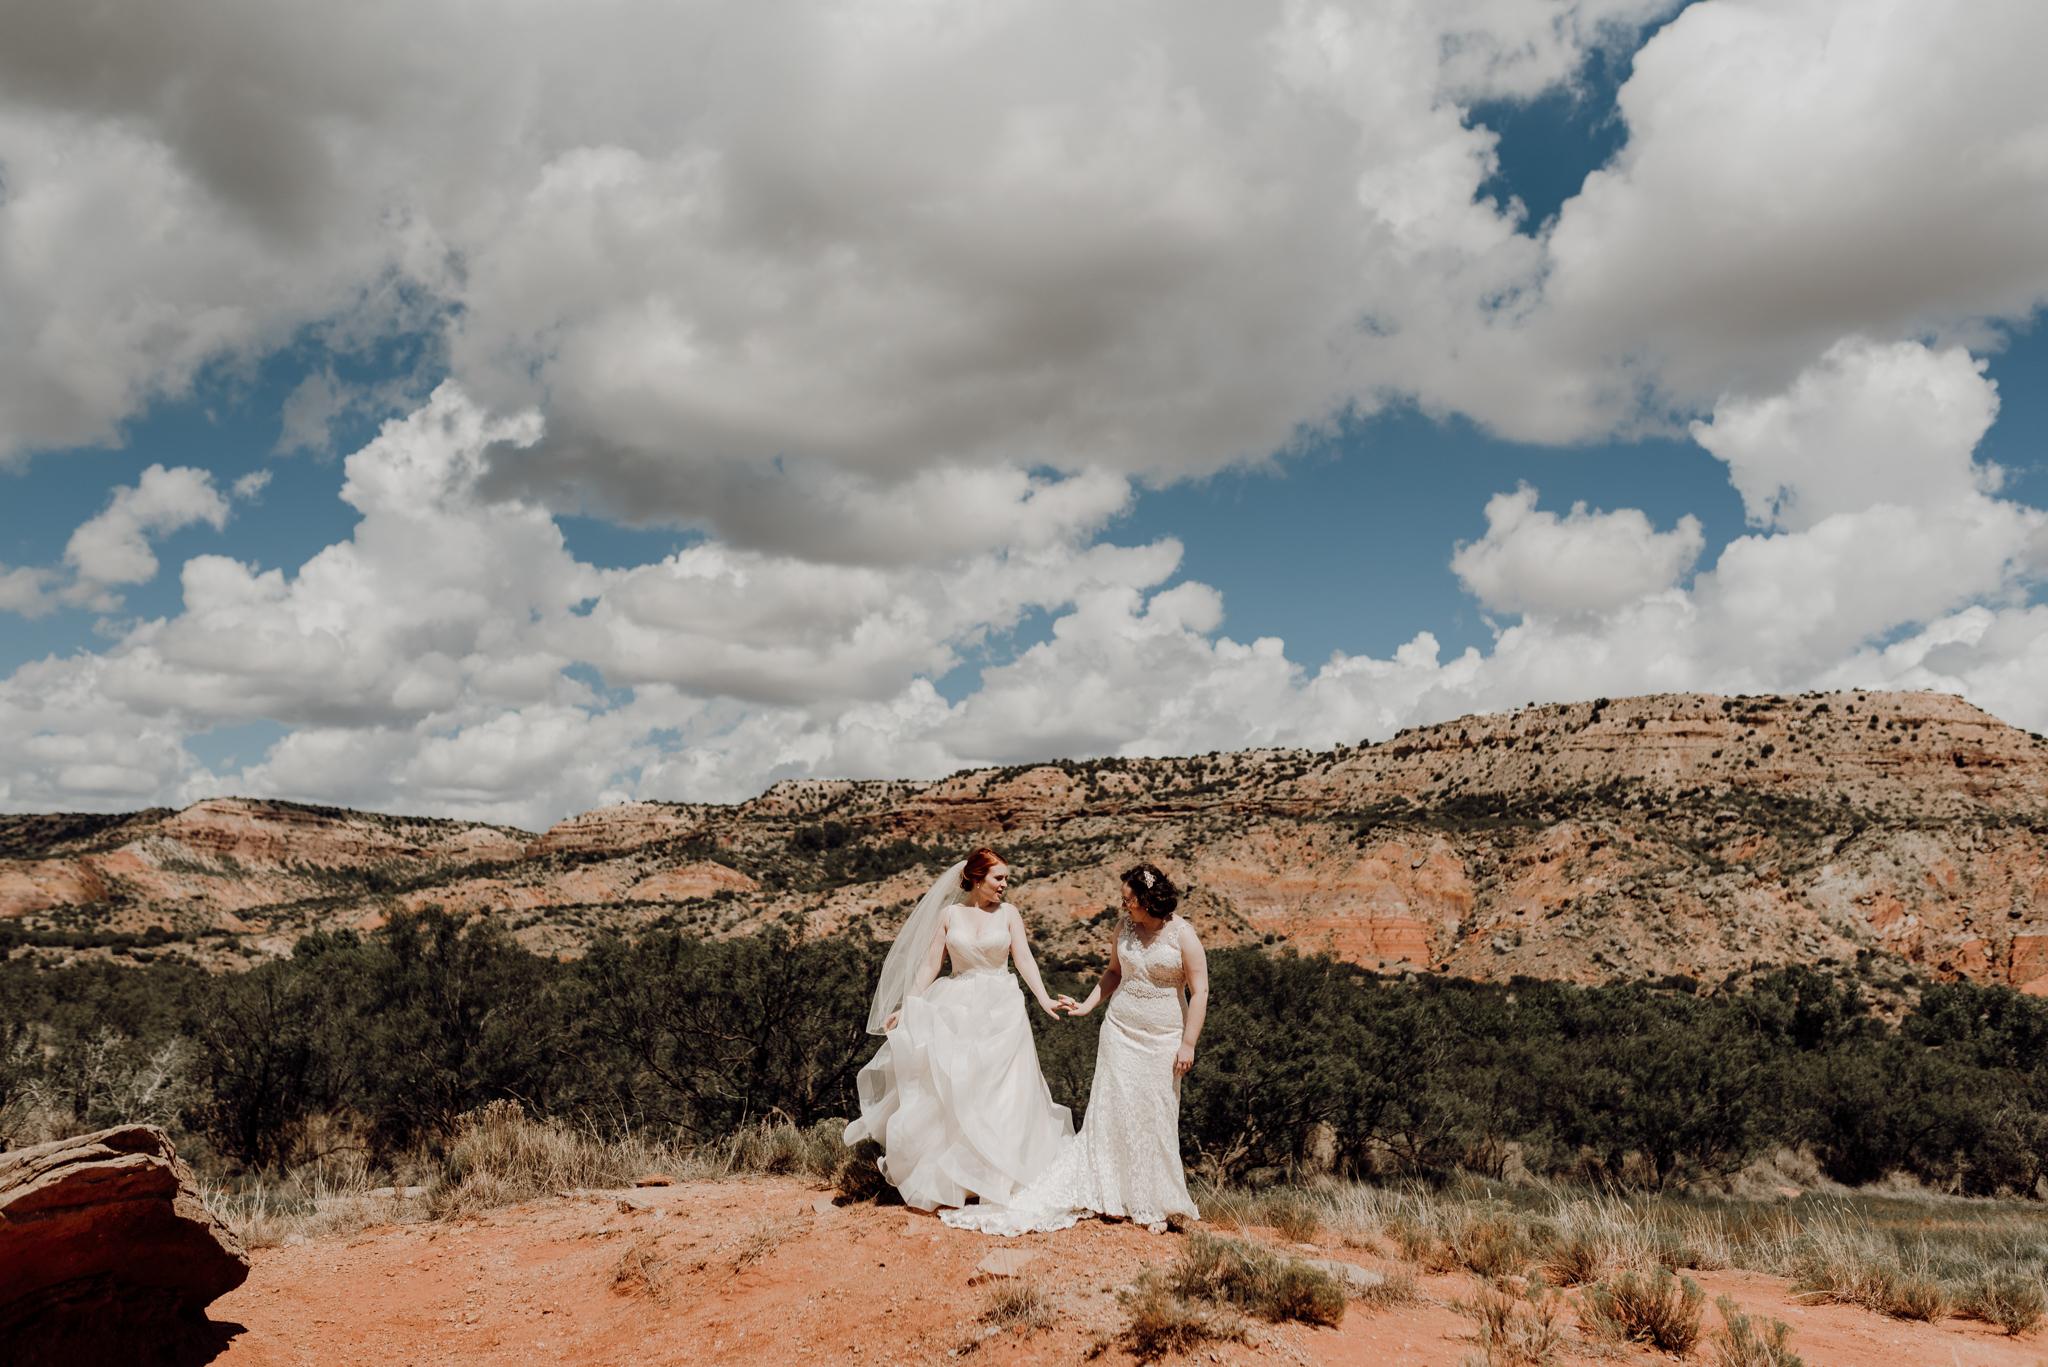 Texas Wedding Photographer-Palo Duro Canyon Sam Sex Wedding- Houston Wedding Photographer -Kristen Giles Photography-13.jpg